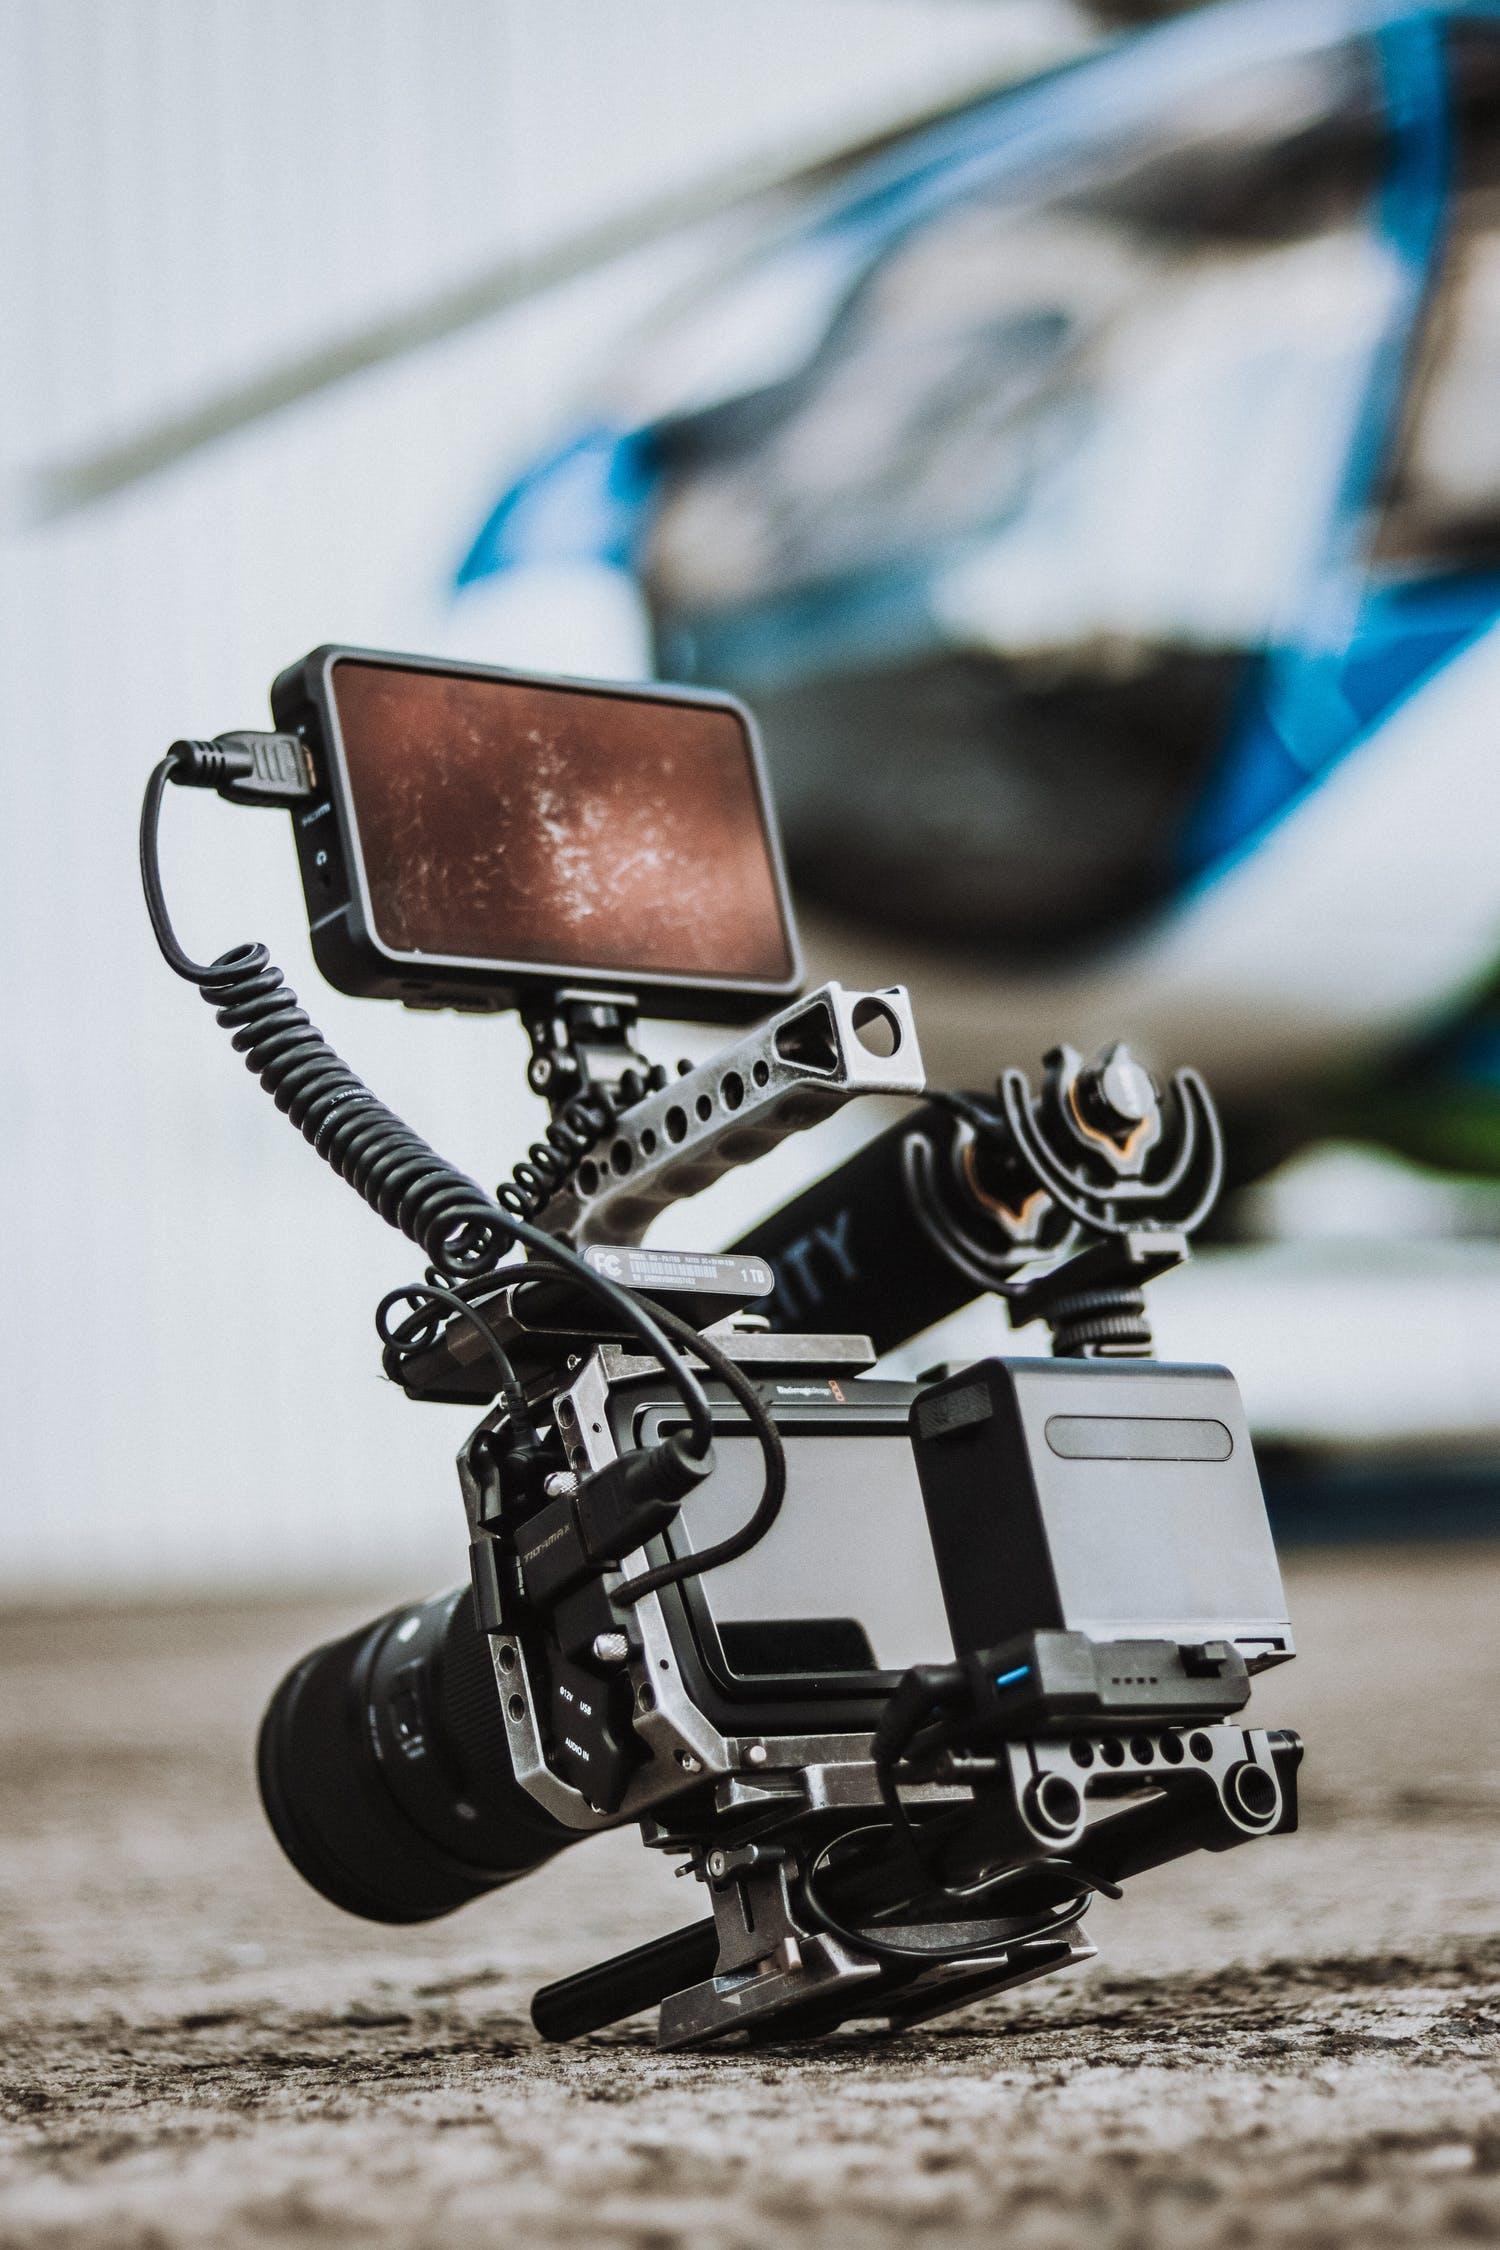 Blackmagic design camera for filmmakers and creators